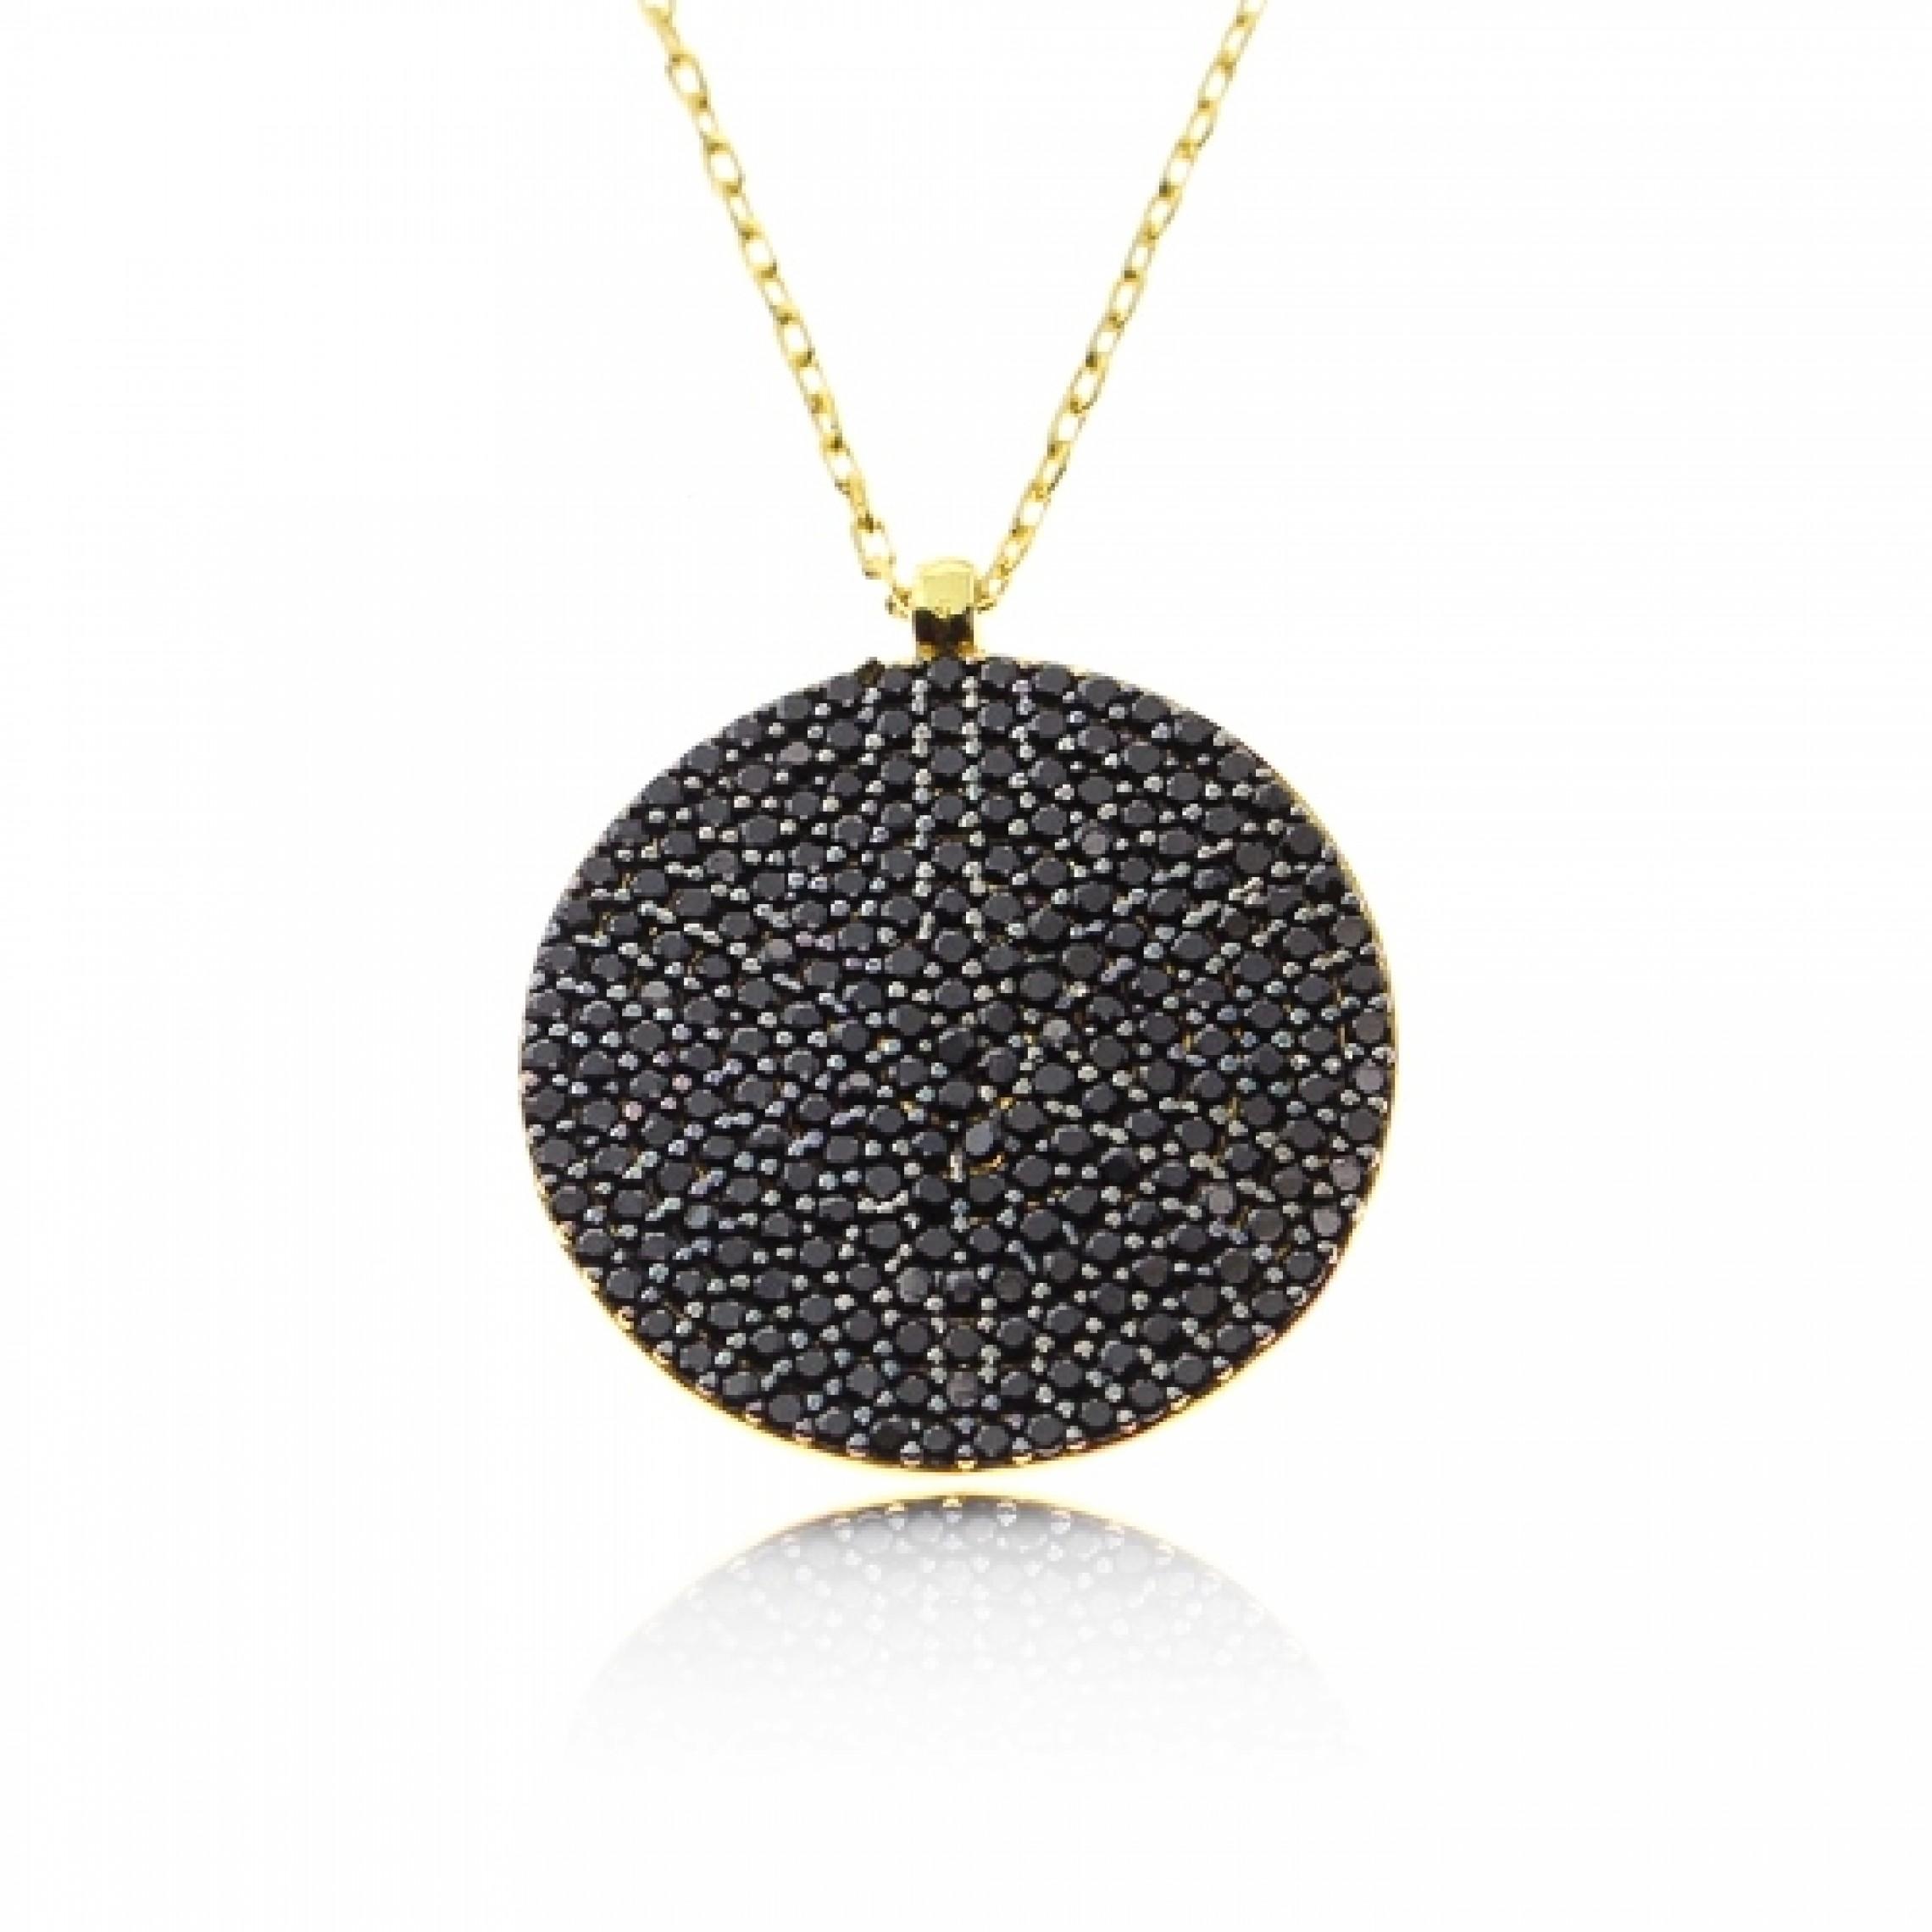 JN-190036 Evil Eye 925 Sterling Silver CZ Necklace